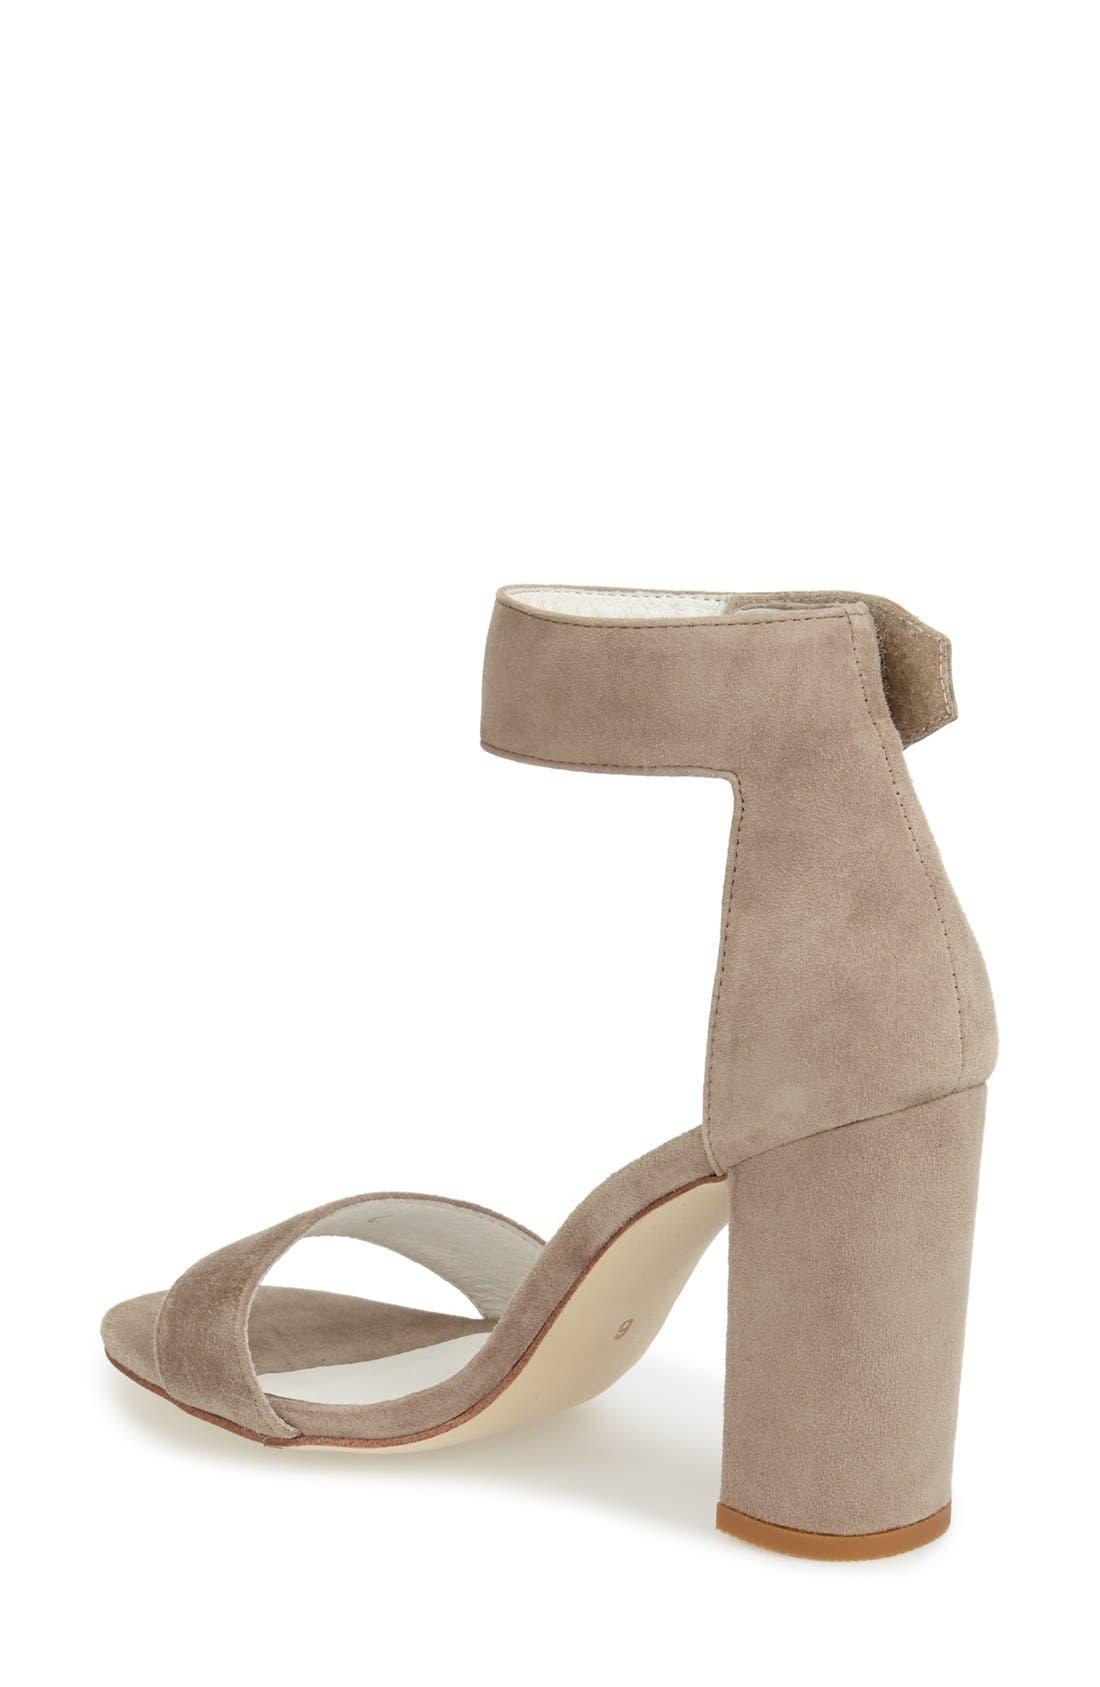 Alternate Image 2  - Jeffrey Campbell 'Lindsay' Ankle Strap Sandal (Women)